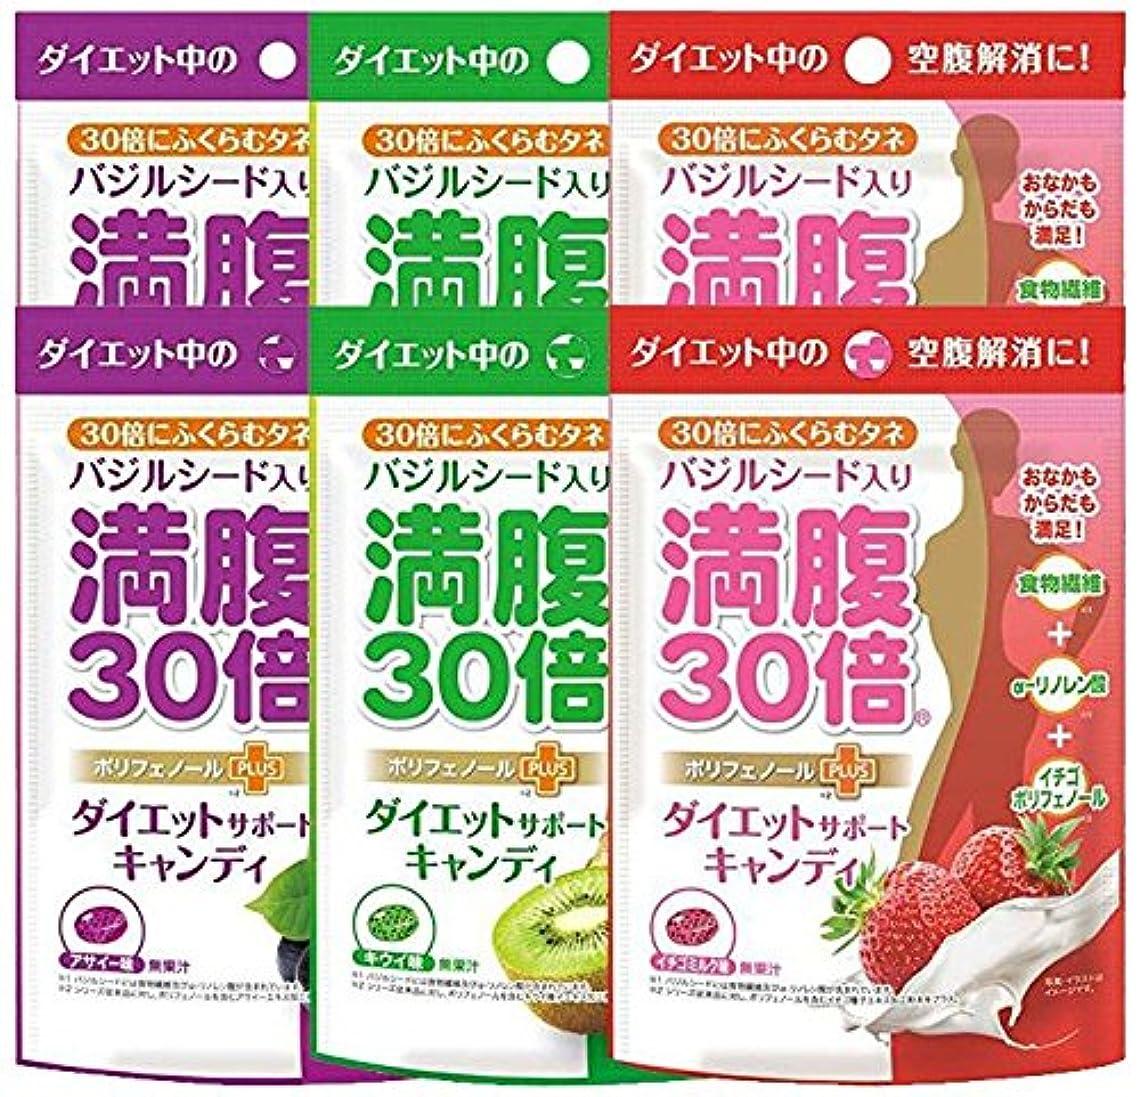 バースト永久に美しい満腹30倍 ダイエットサポートキャンディ 3種アソート( アサイー キウイ イチゴミルク 各2袋) 6袋